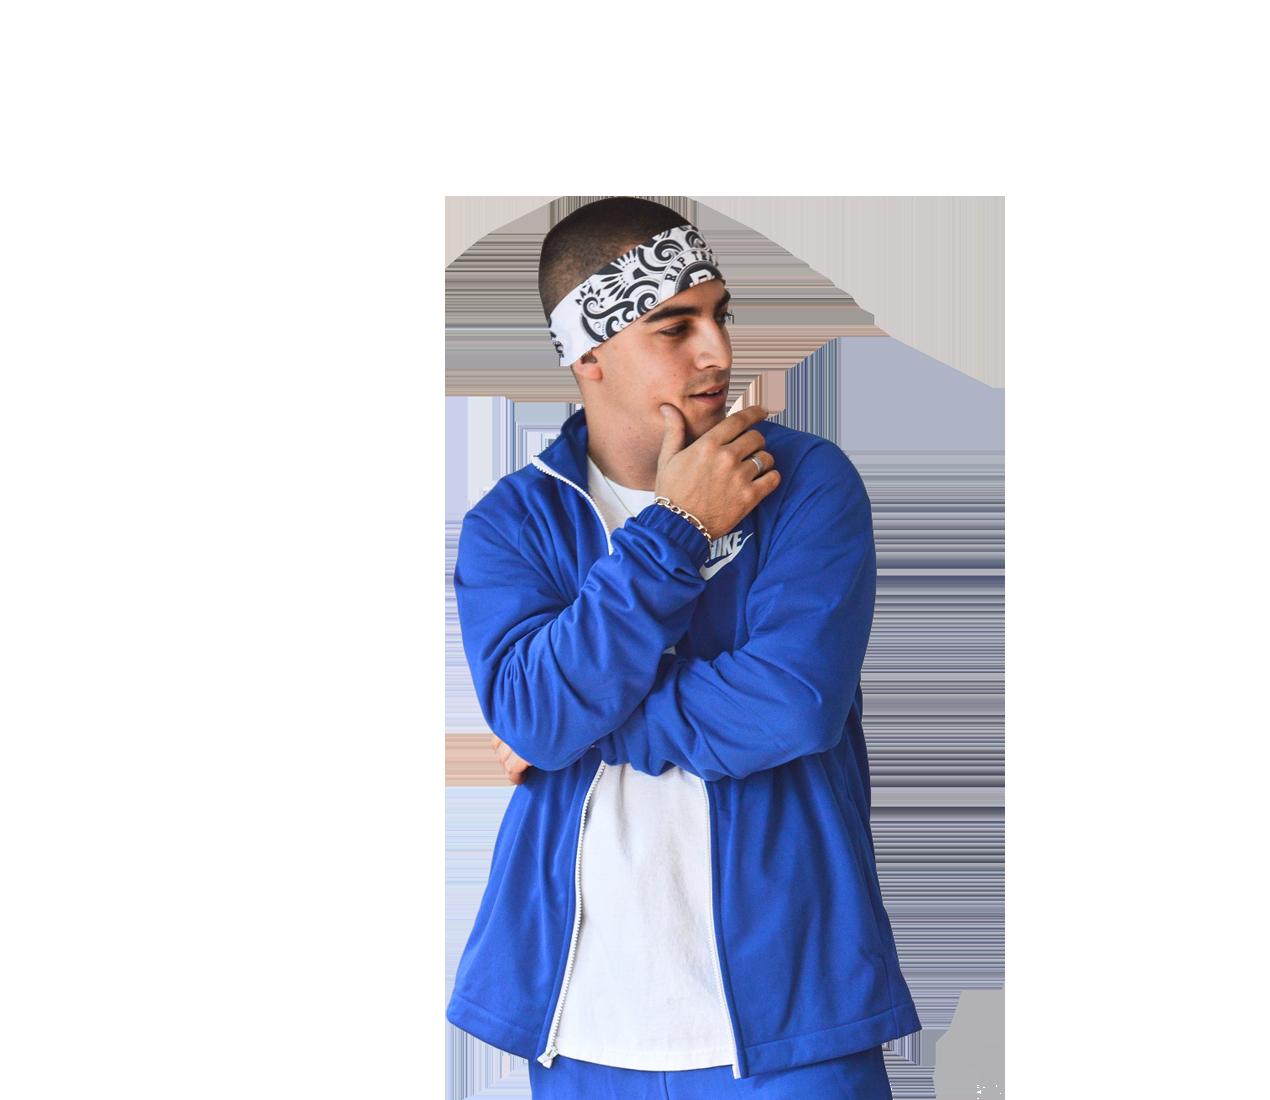 alzada-records-neto-pena-toques-de-queda-rap-mexicano